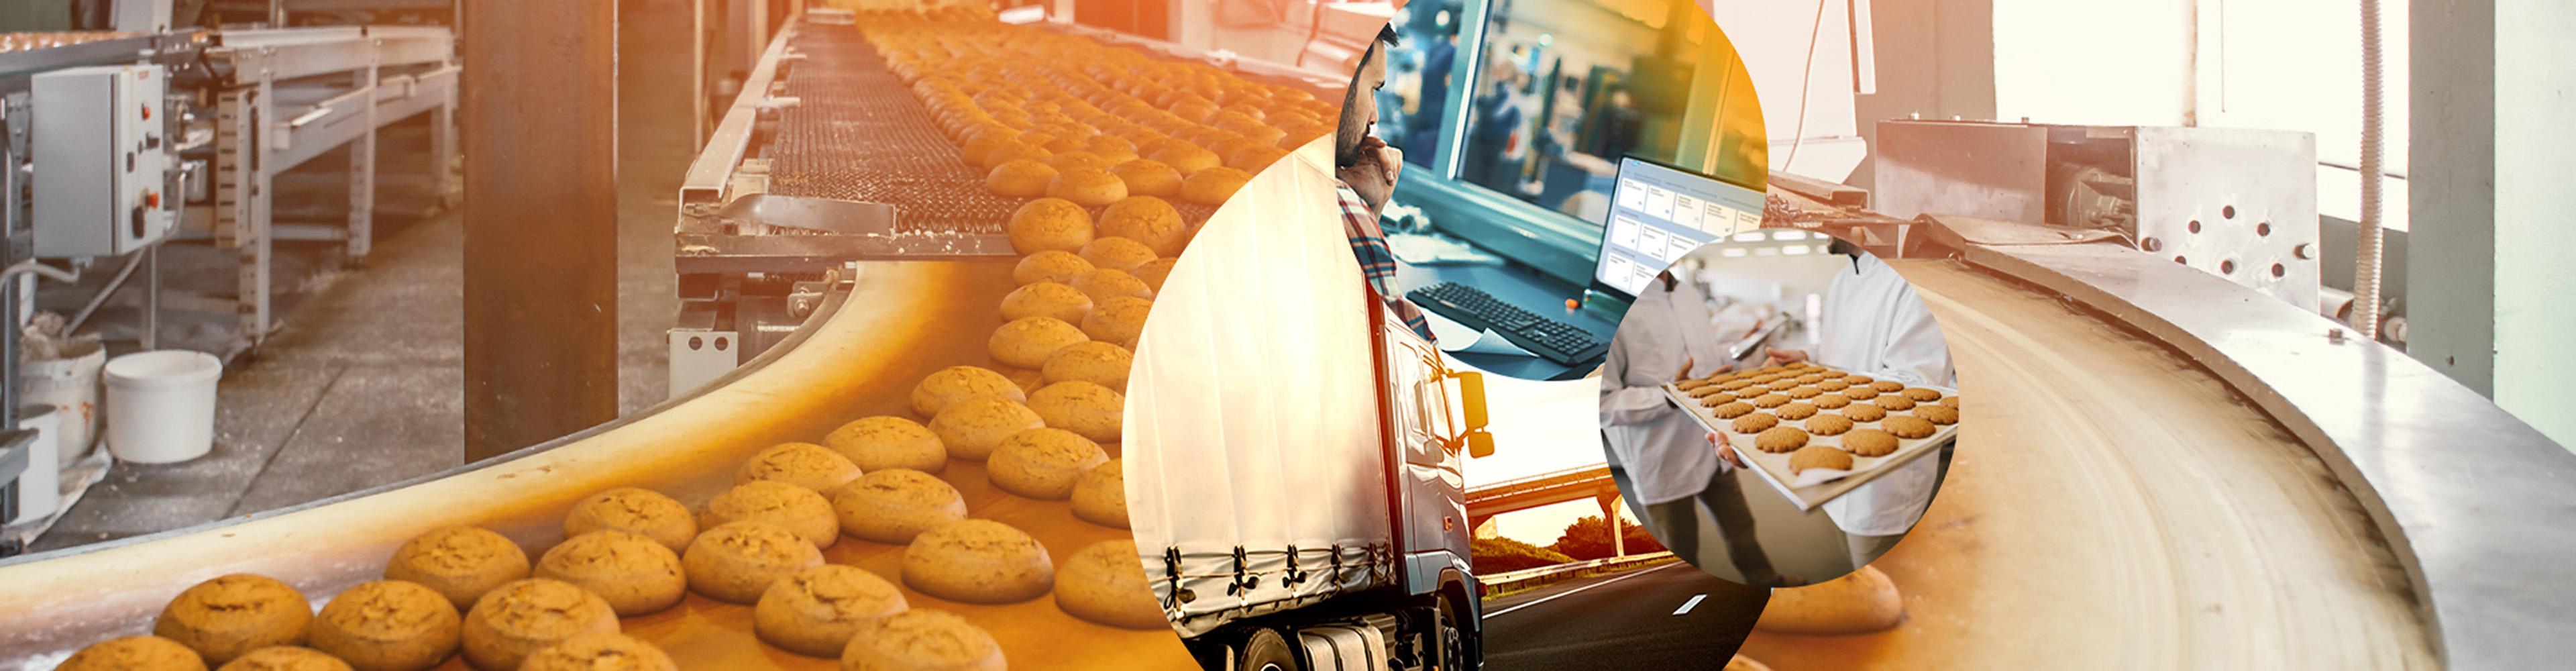 Herobanner-ERP-Lebensmittelindustrie-3840x1000